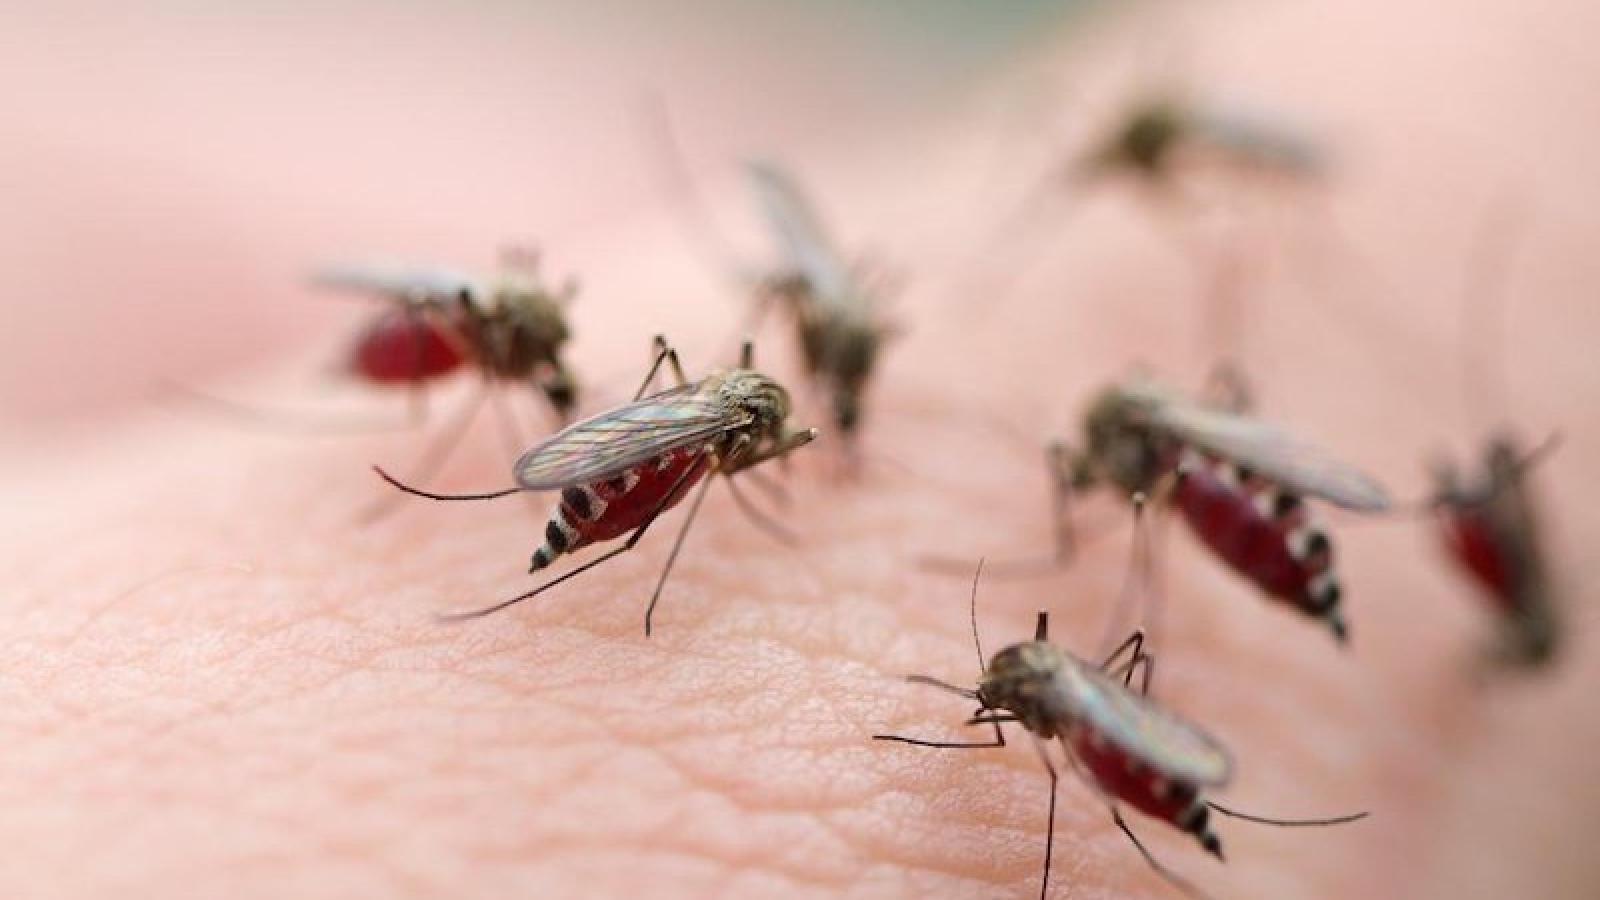 Dengue fever cases on the rise in Hanoi